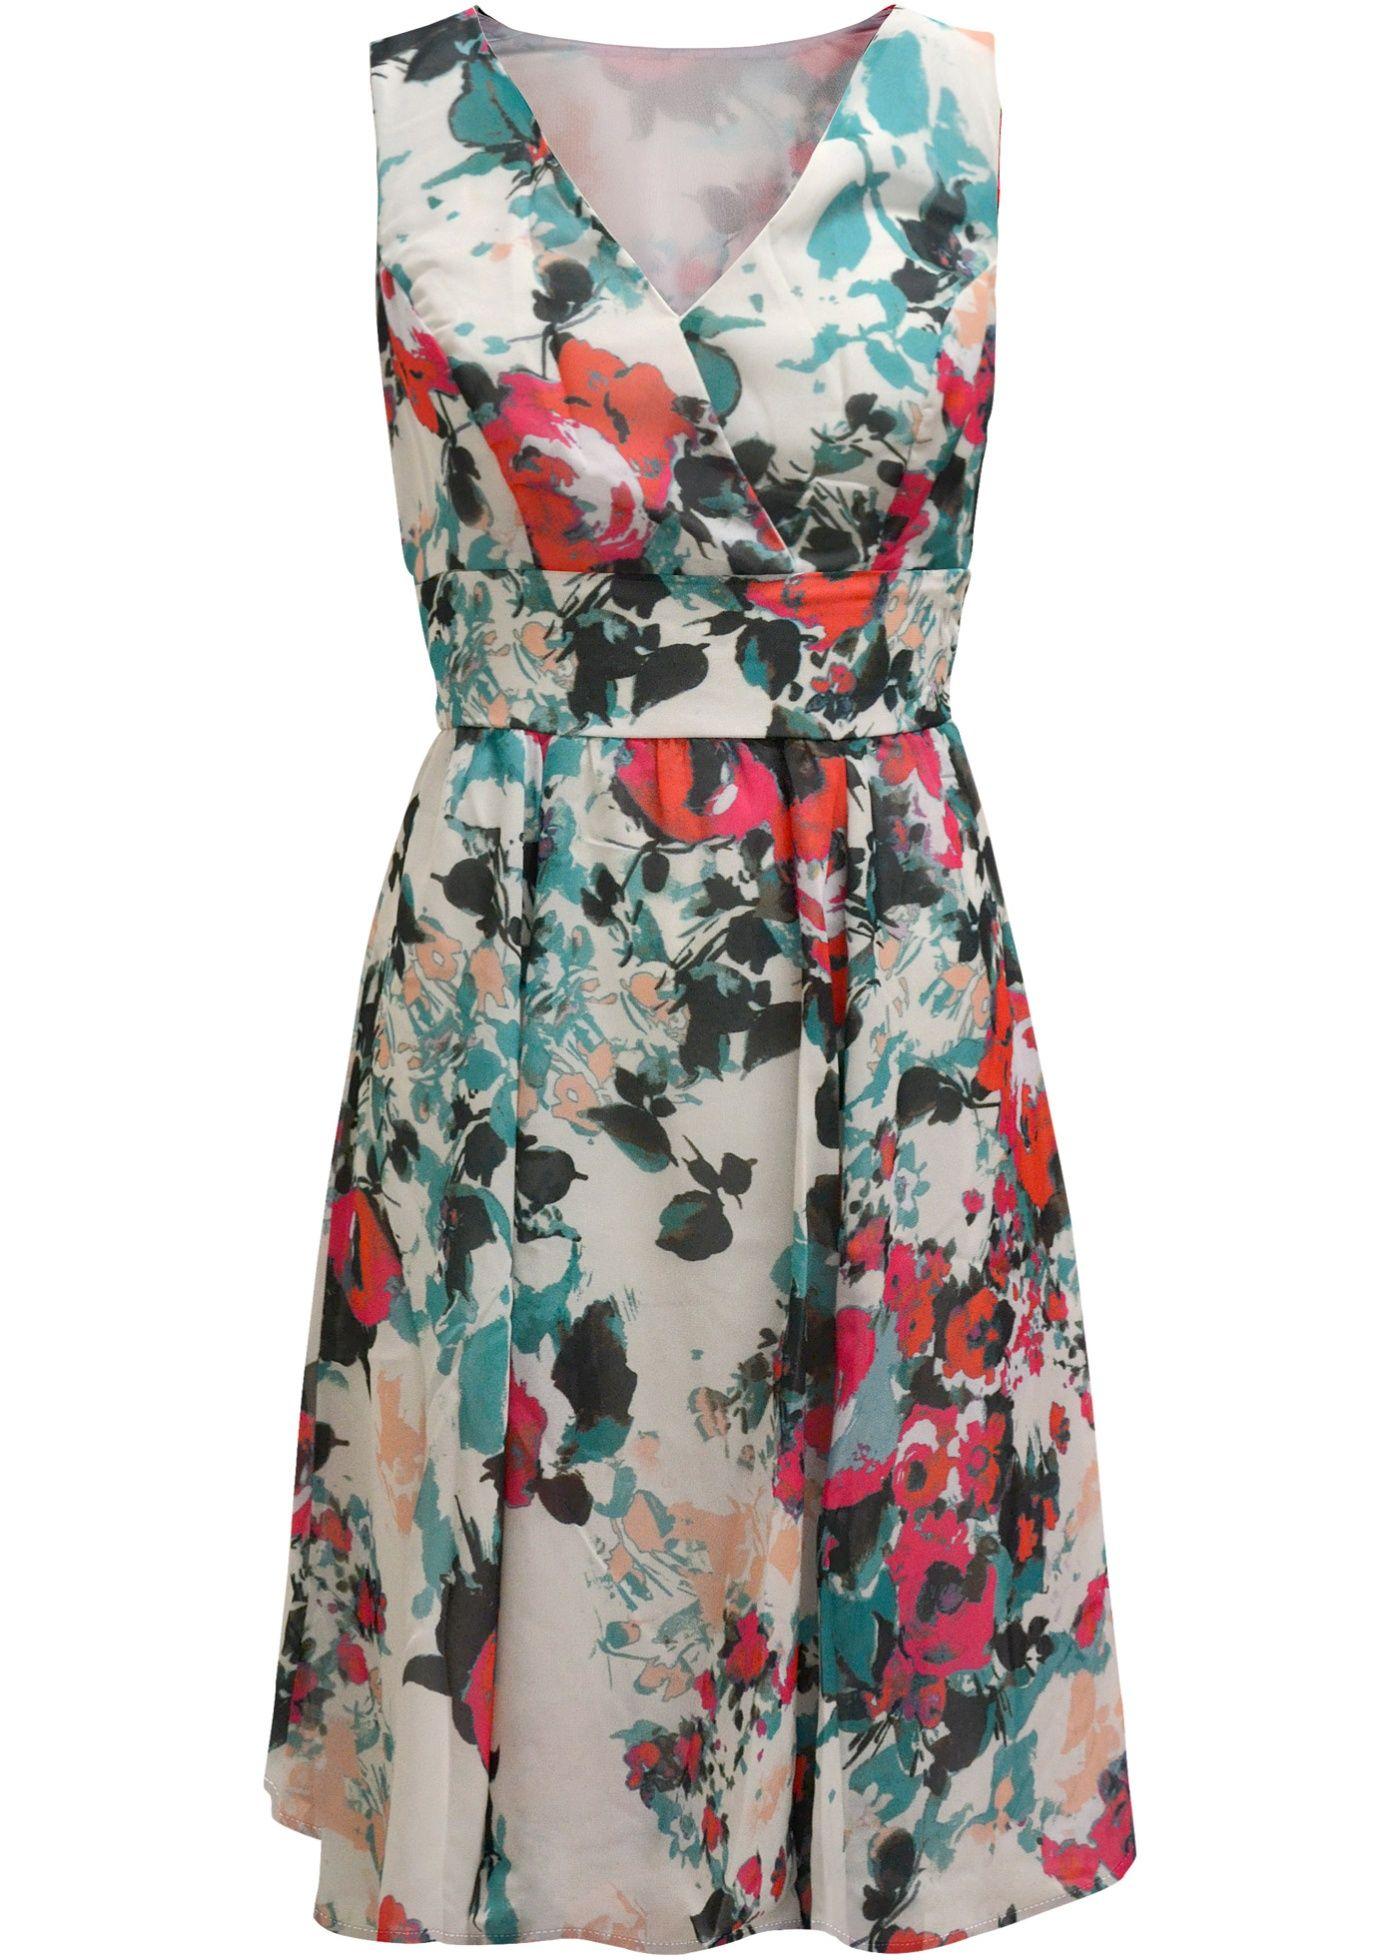 30c3d51ce Vestido evasê estampado rosa estampado encomendar agora na loja on-line  bonprix.com.